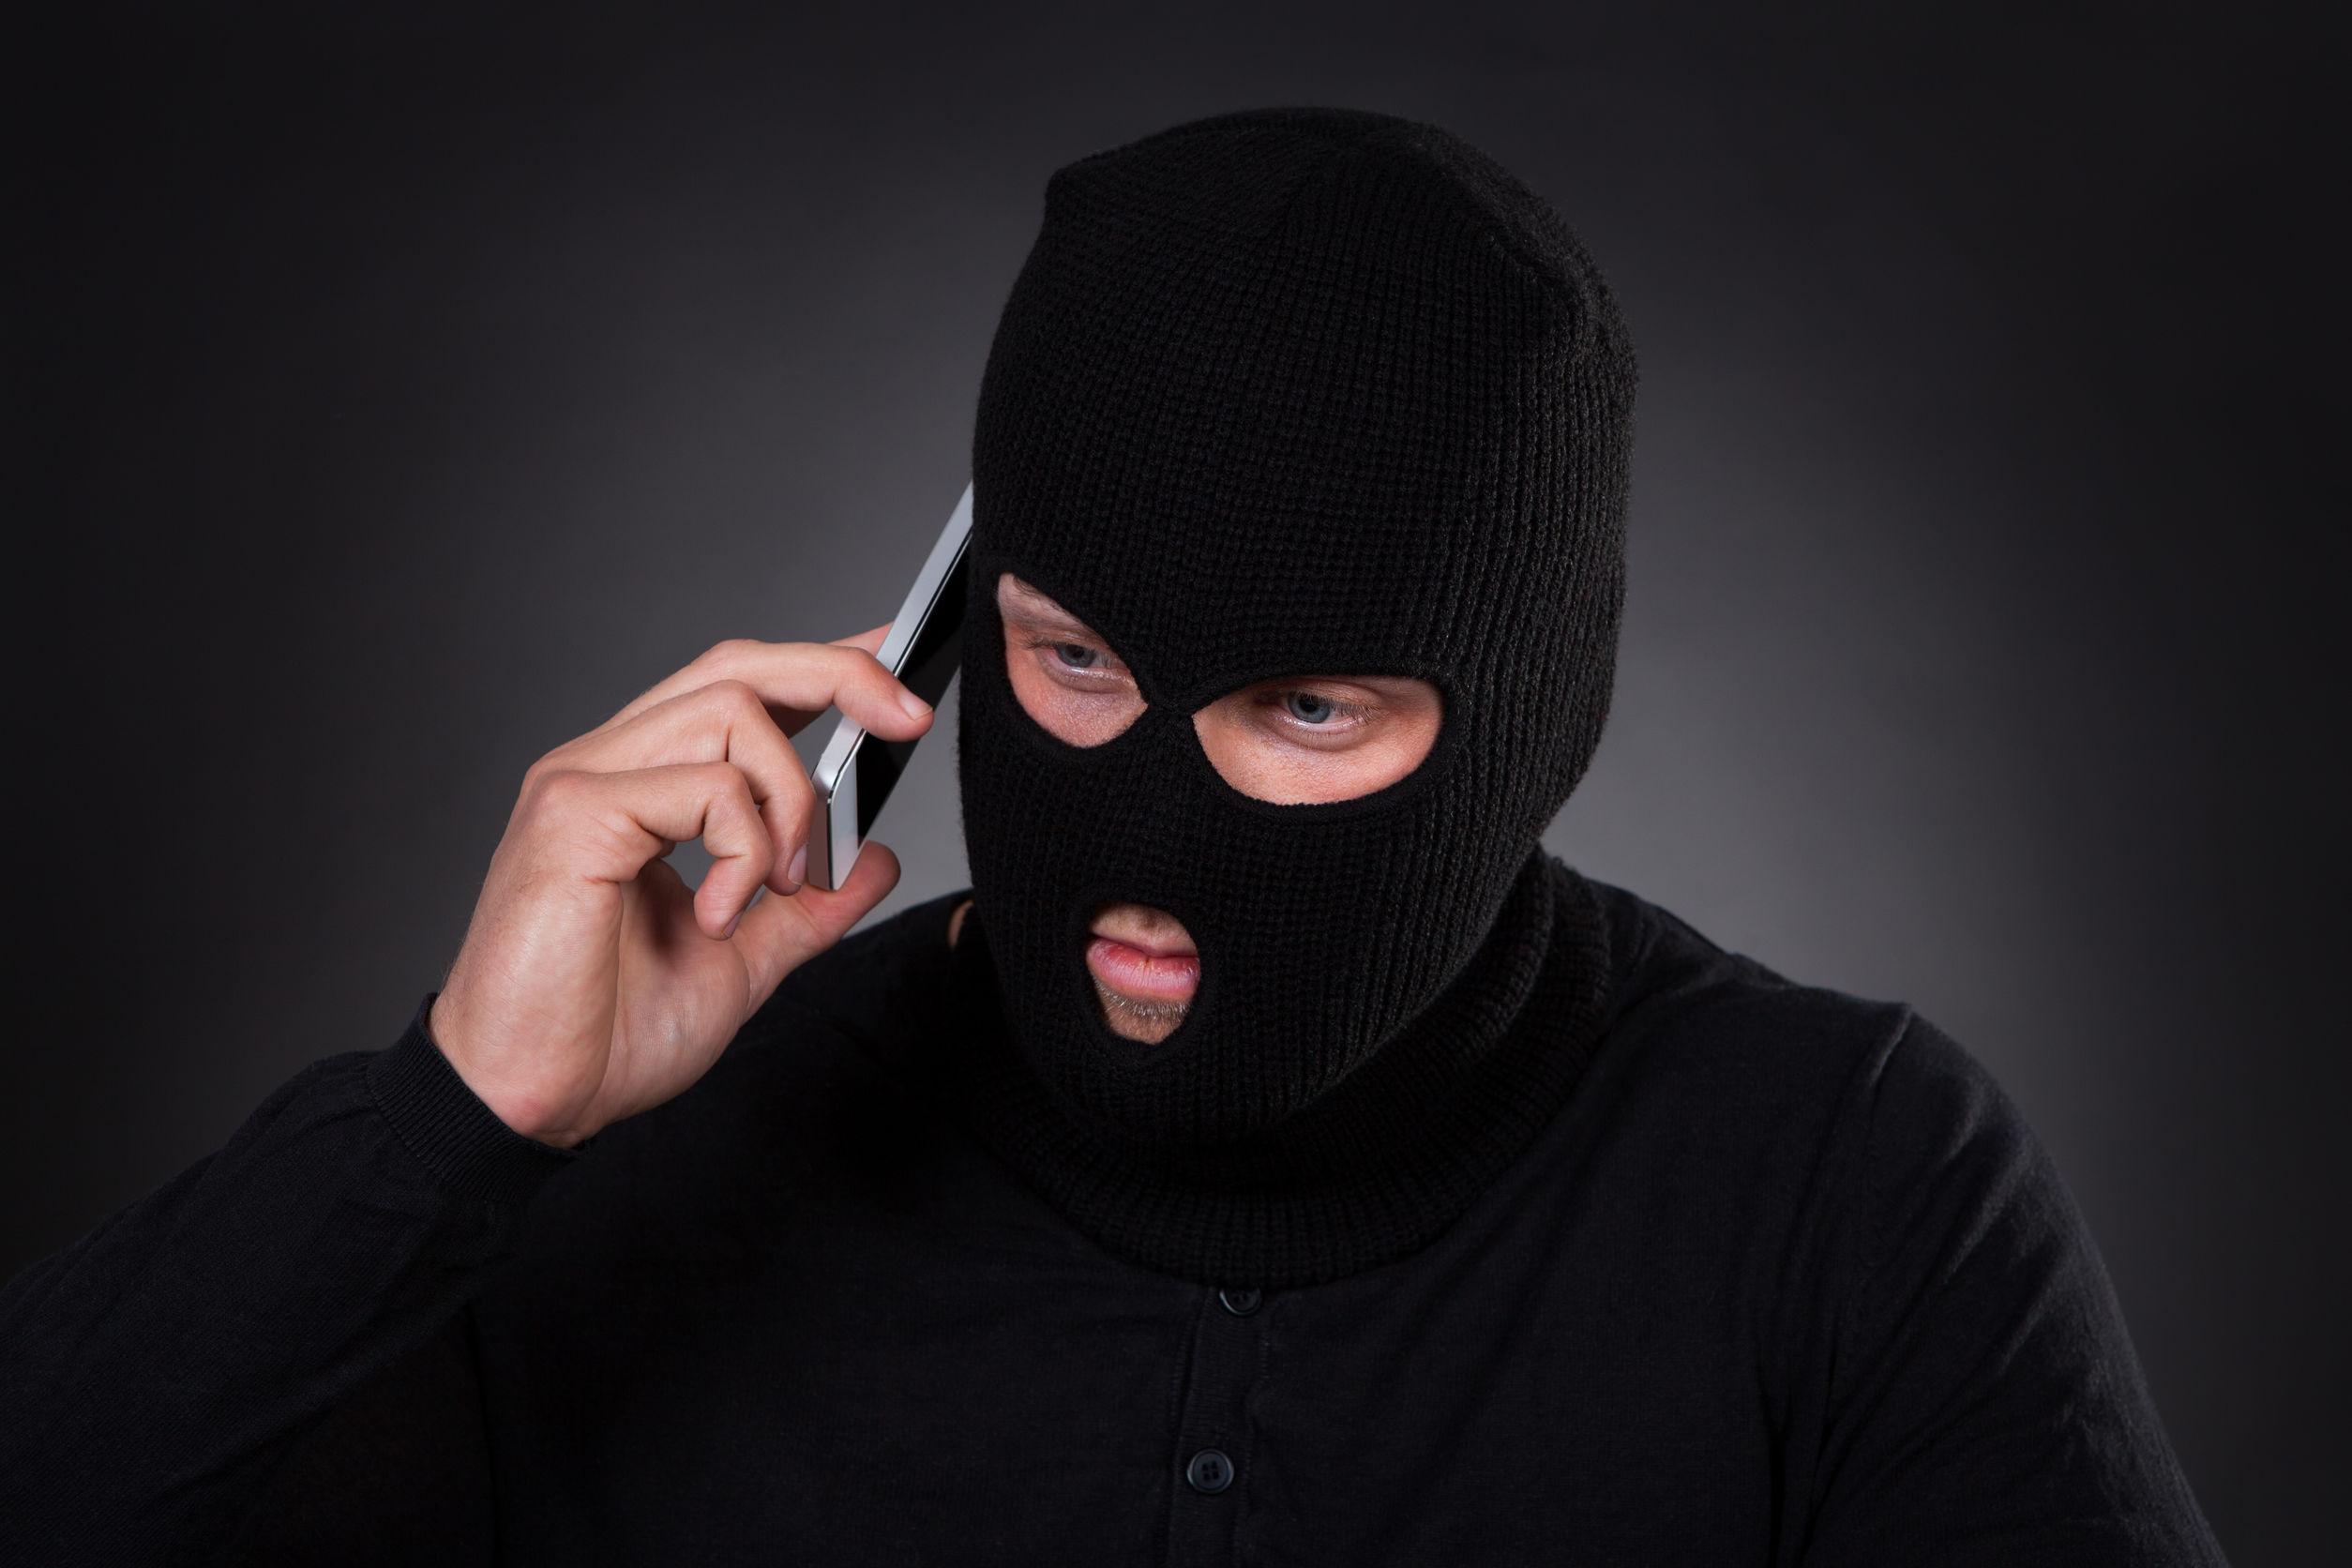 Telephone Fraudsters